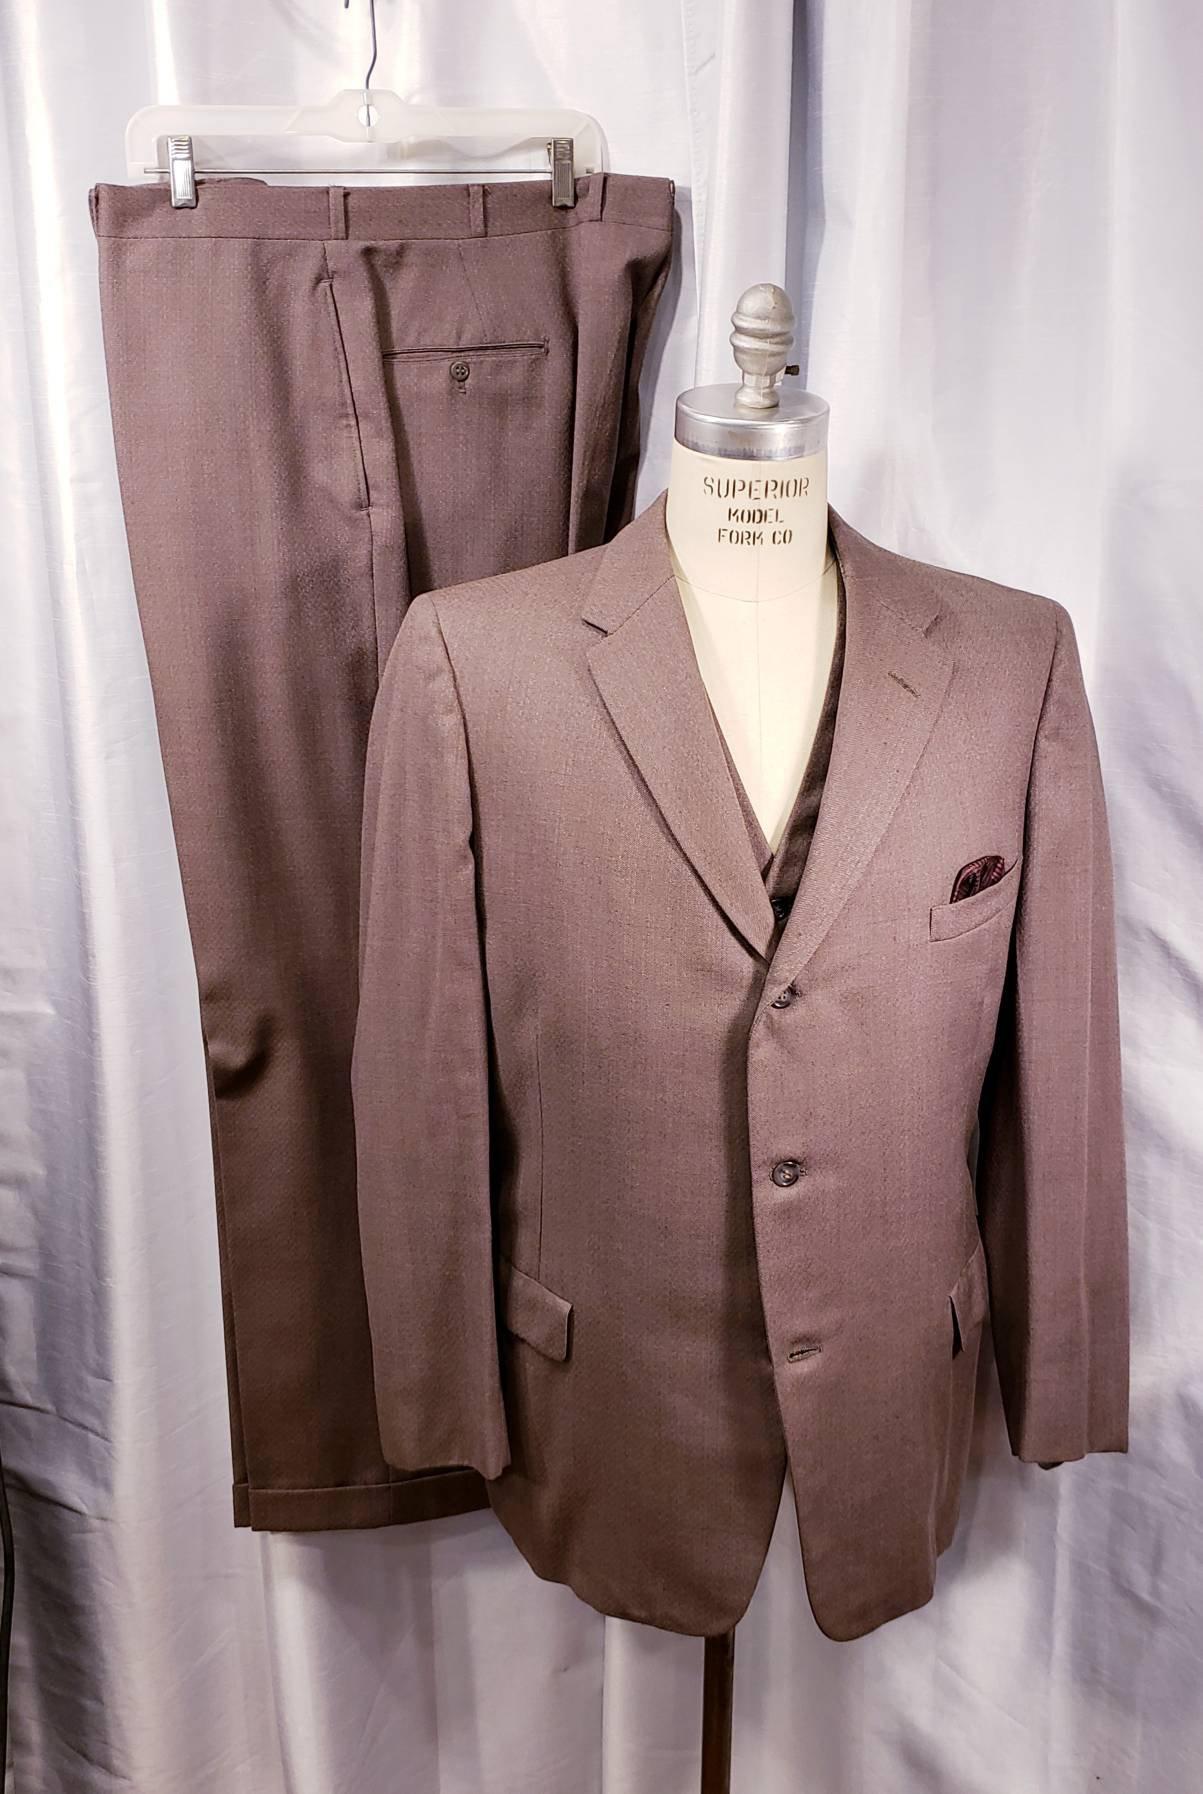 1950s Mens Suits & Sport Coats   50s Suits & Blazers Vintage  Mens 3 Piece Suit Taupe 1950s 4 Pocket Vest G Men L@@k $108.25 AT vintagedancer.com